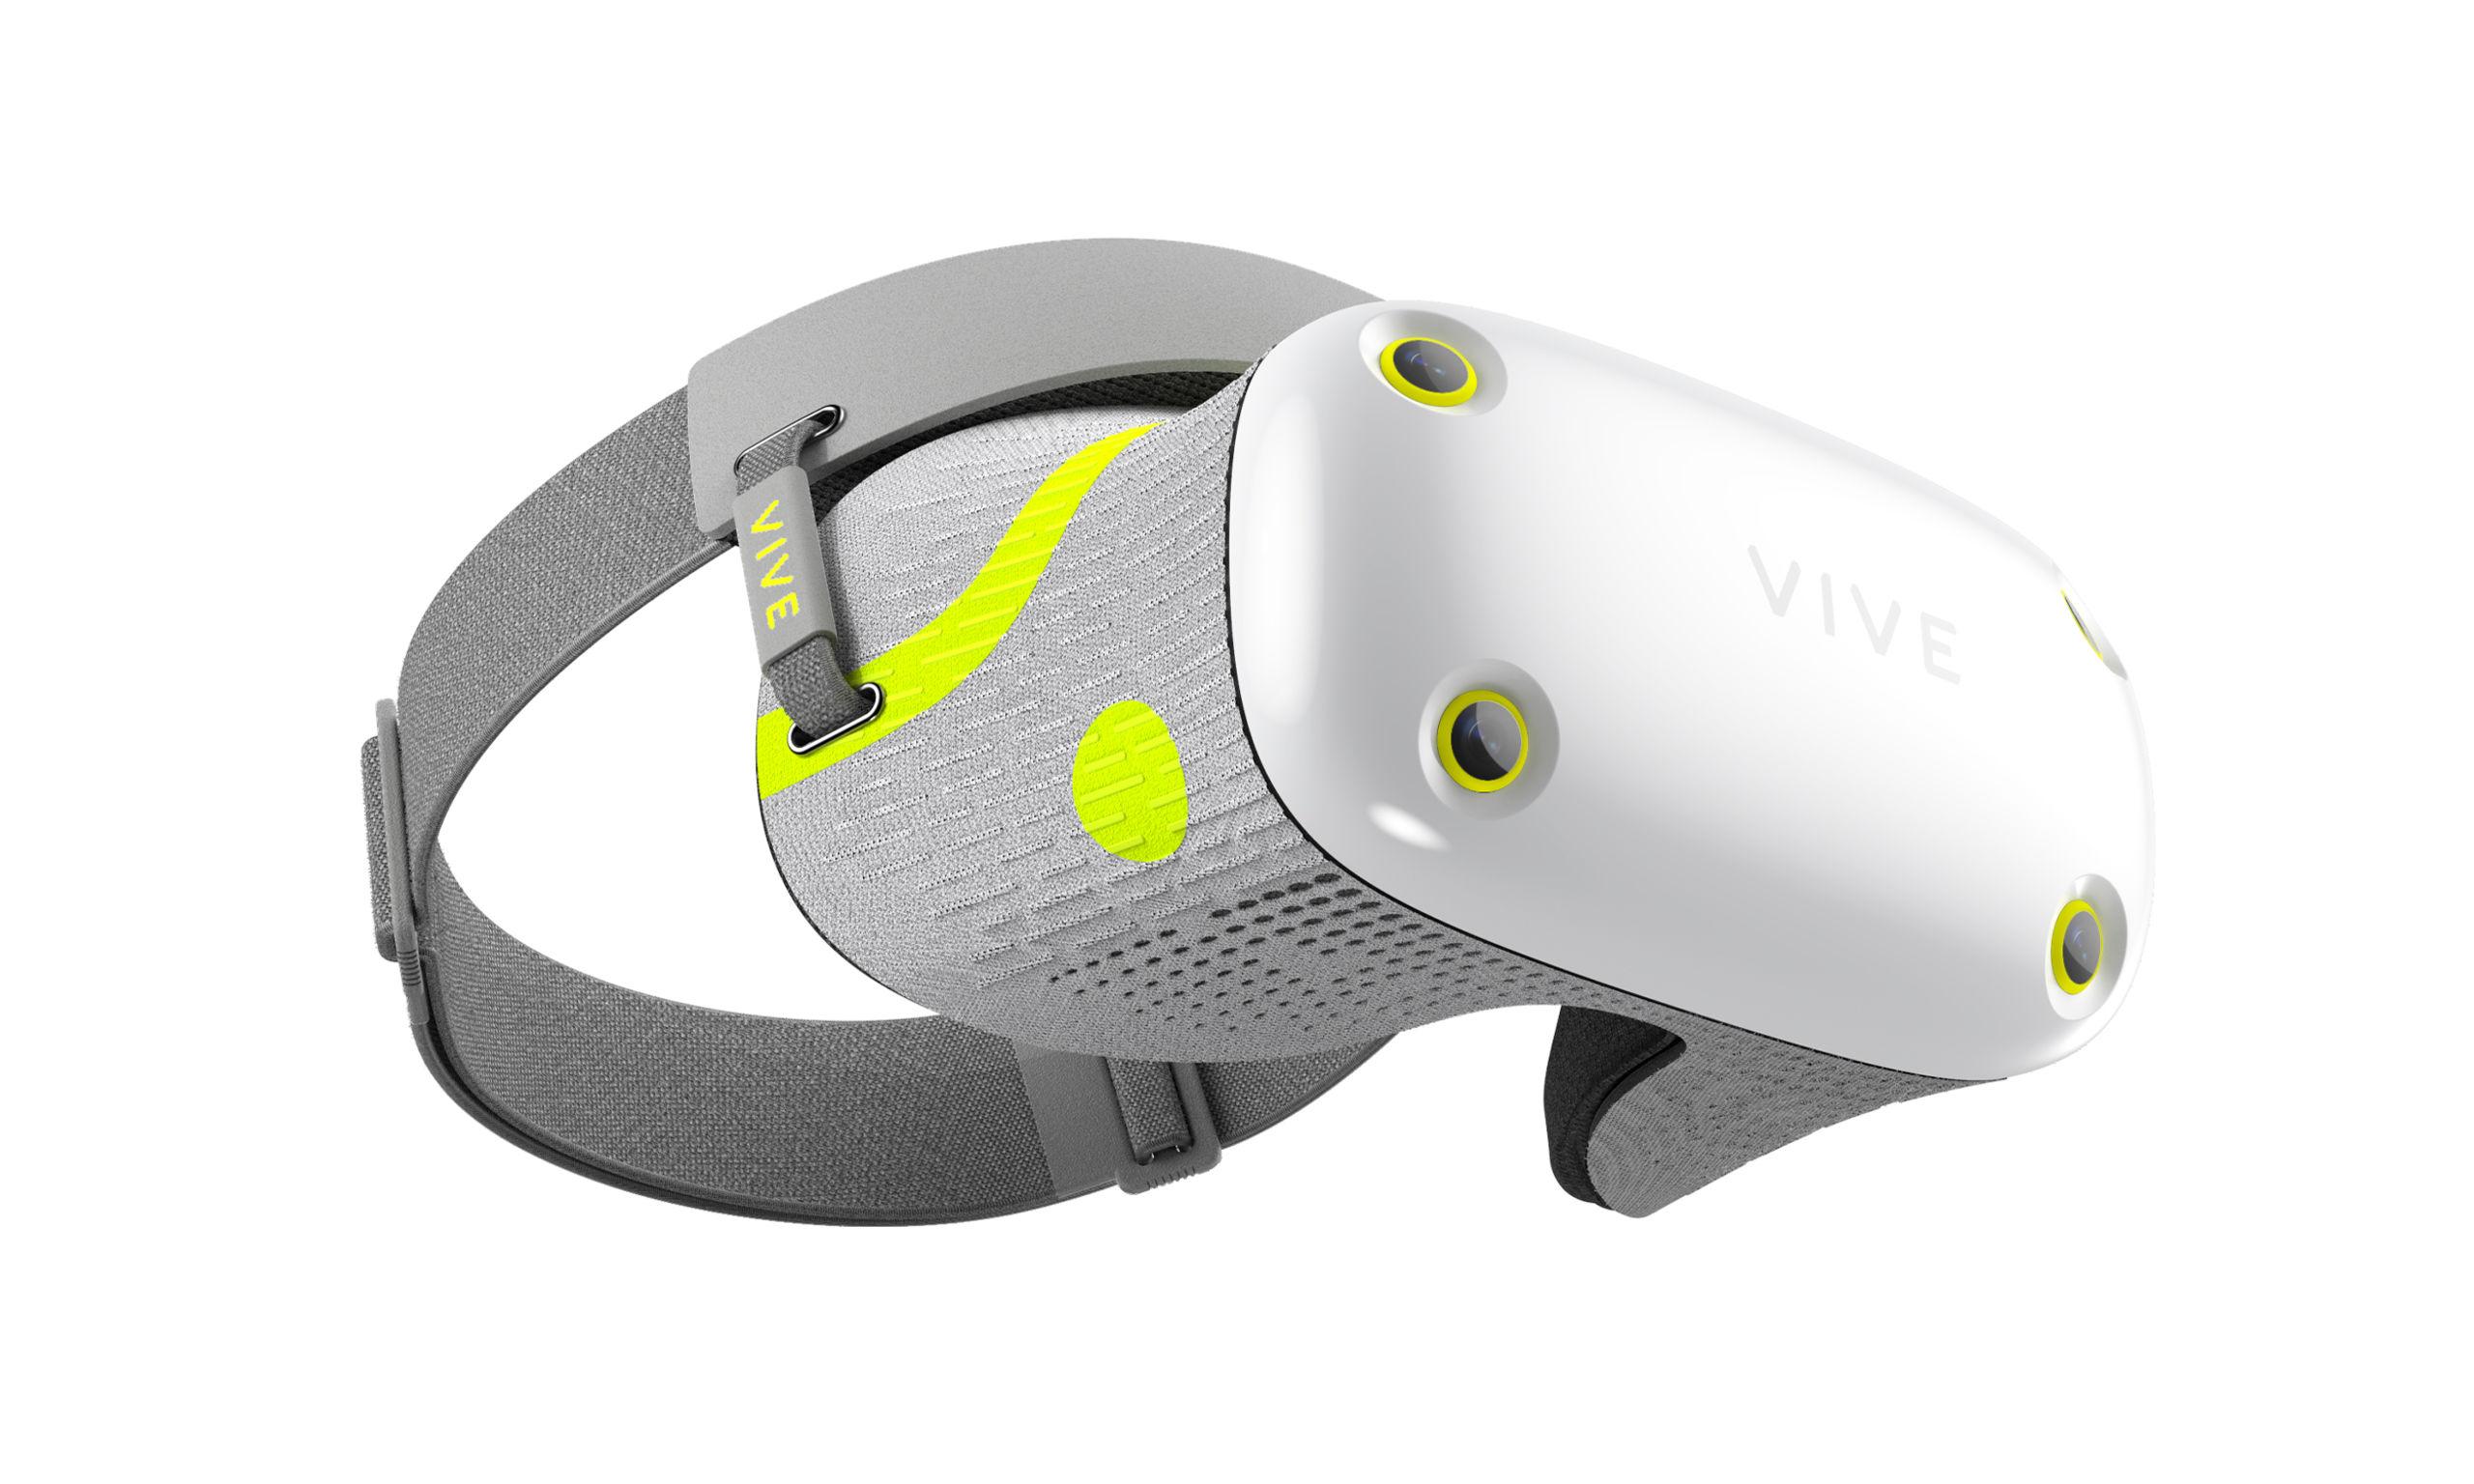 HTC澄清:被曝的新款头显系概念产品